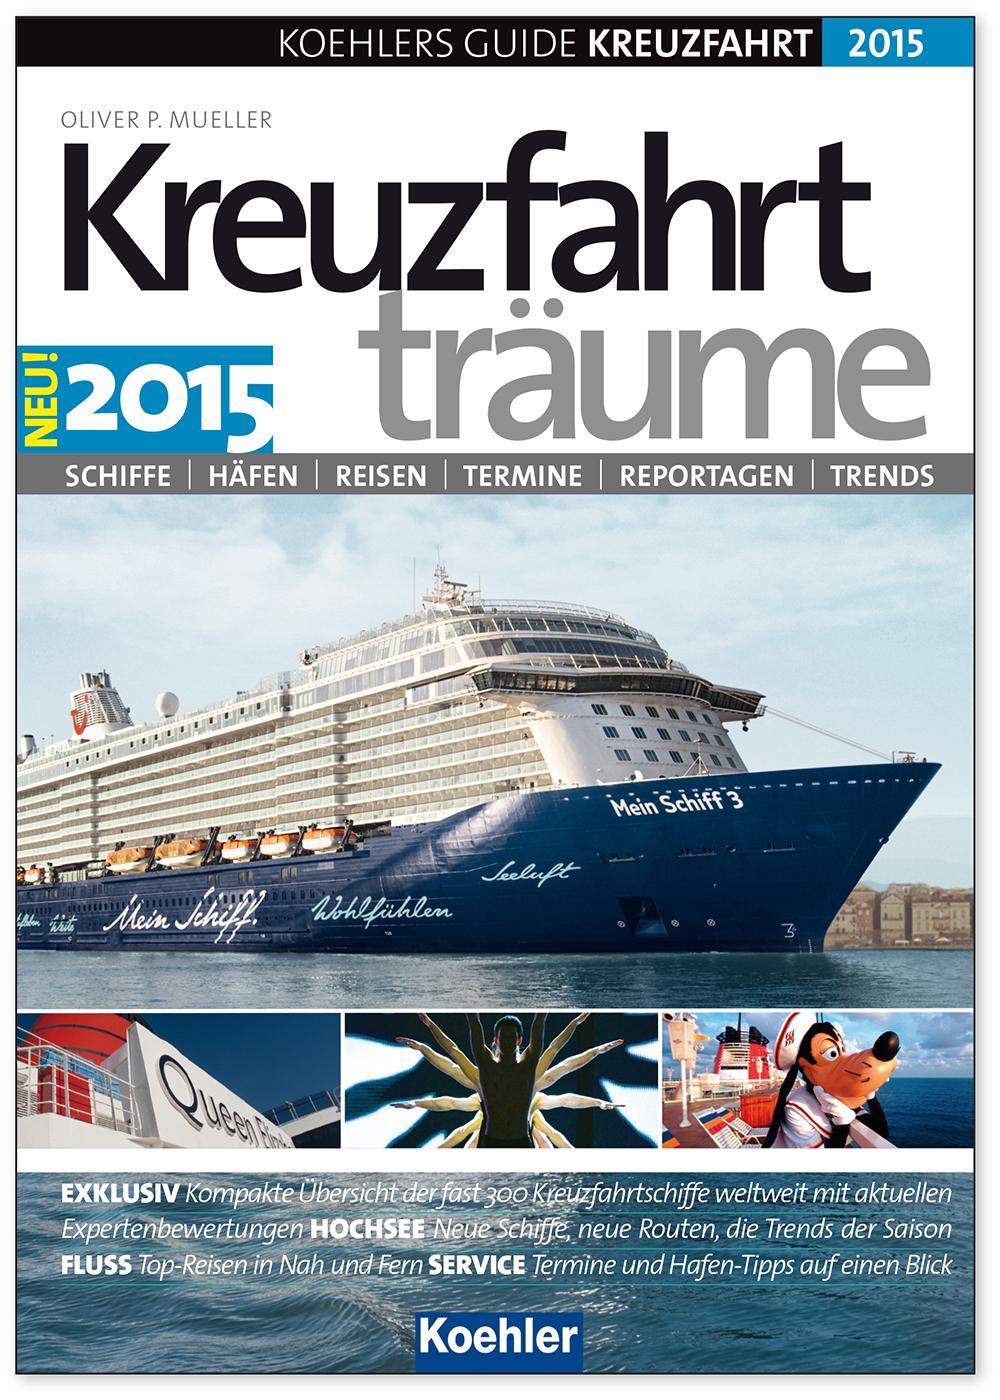 KOEHLERS GUIDE KREUZFAHRT 2015 - Kreuzfahrtträu...